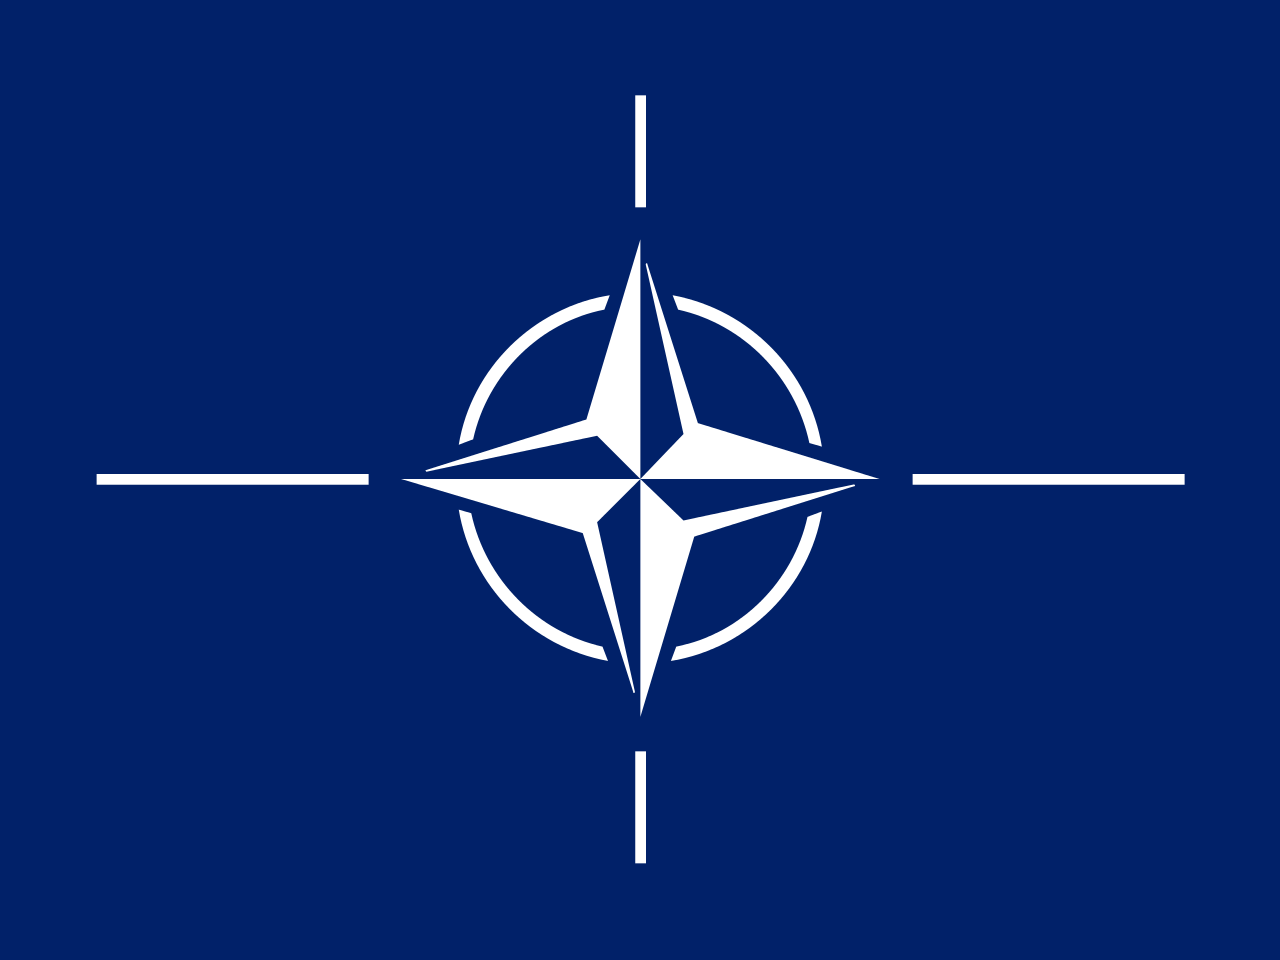 ستولتنبرغ يعلن انضمام الناتو لقوات التحالف ضد